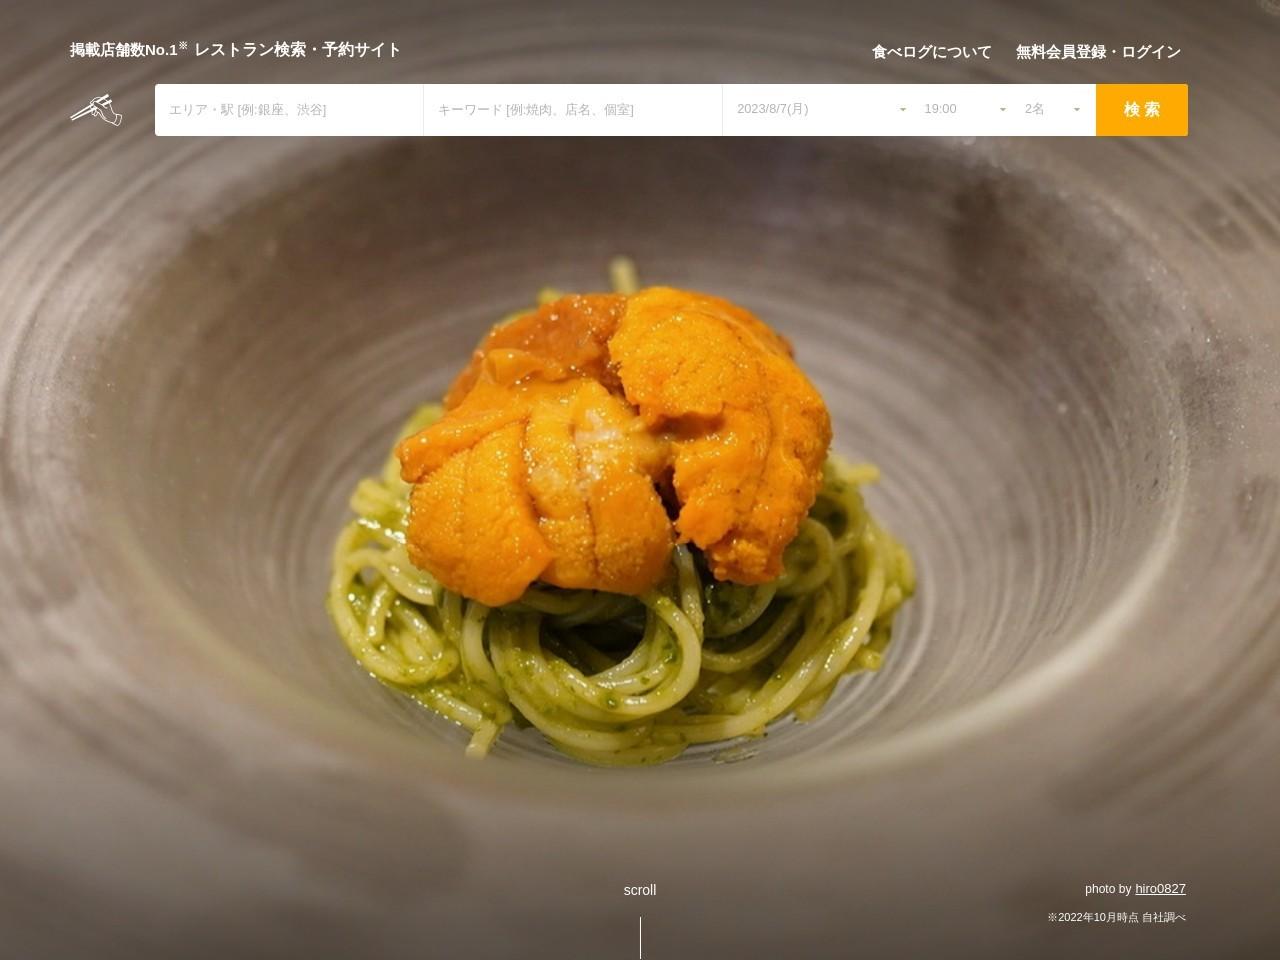 羅甸 - 西諫早/洋食 [食べログ]